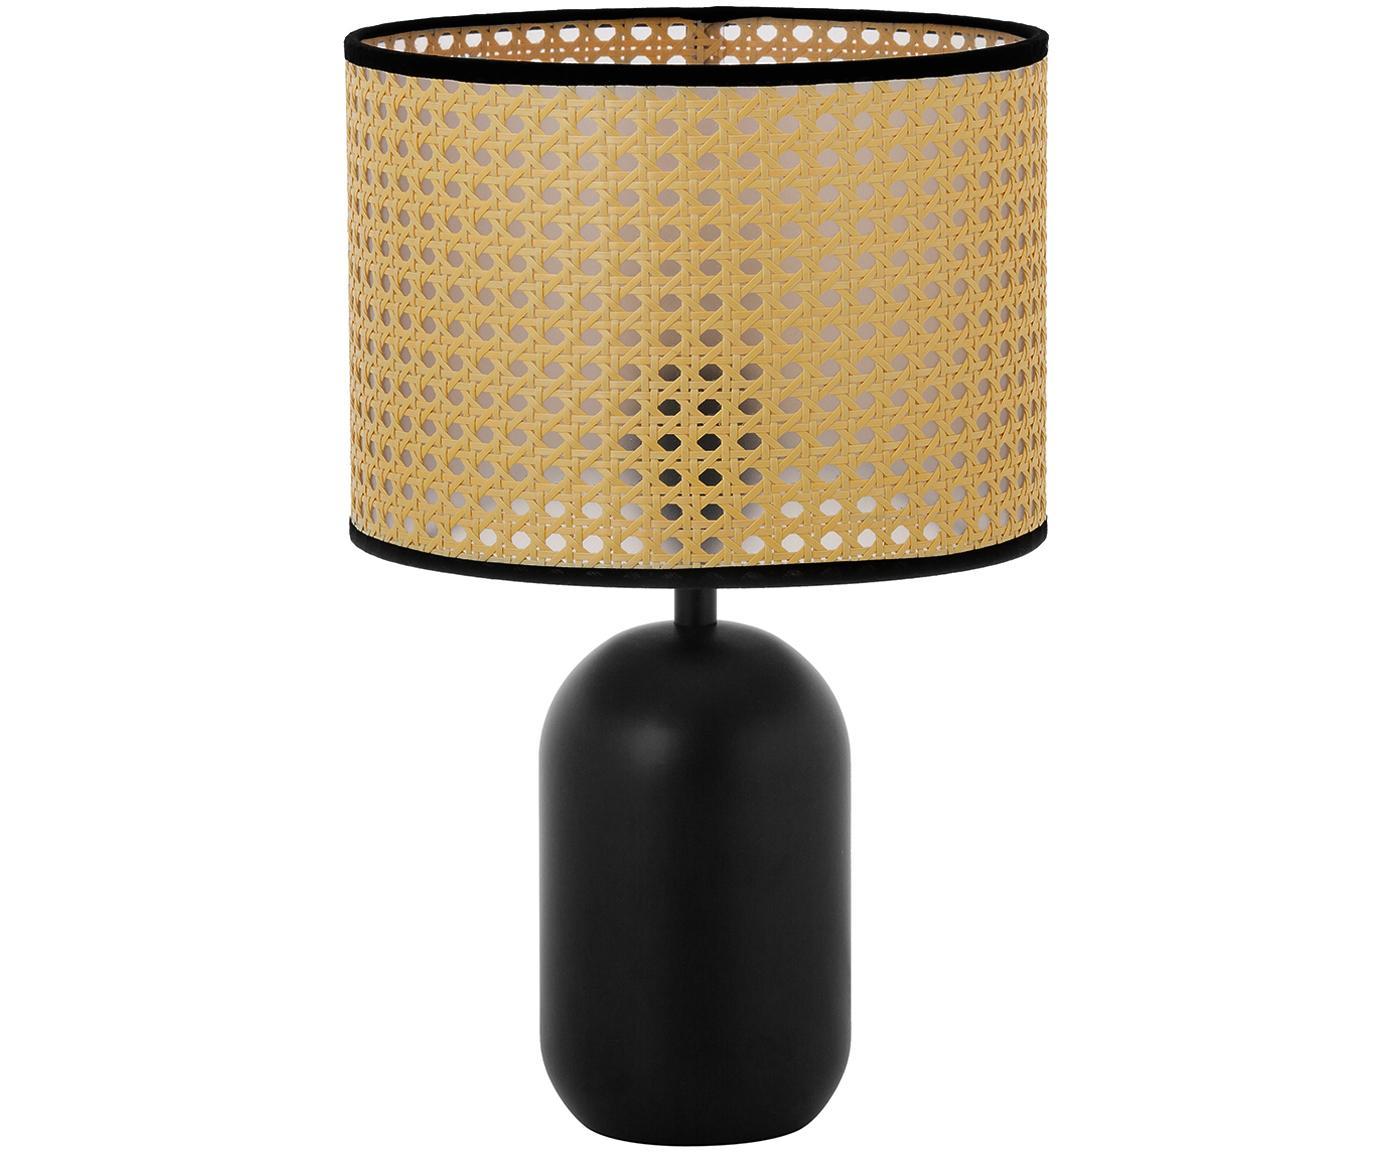 Lampada da tavolo in intreccio viennese Vienna, Paralume: materiale sintetico, Base della lampada: metallo verniciato a polv, Paralume: beige, nero Base della lampada: nero opaco Cavo: nero, Ø 25 x Alt. 40 cm